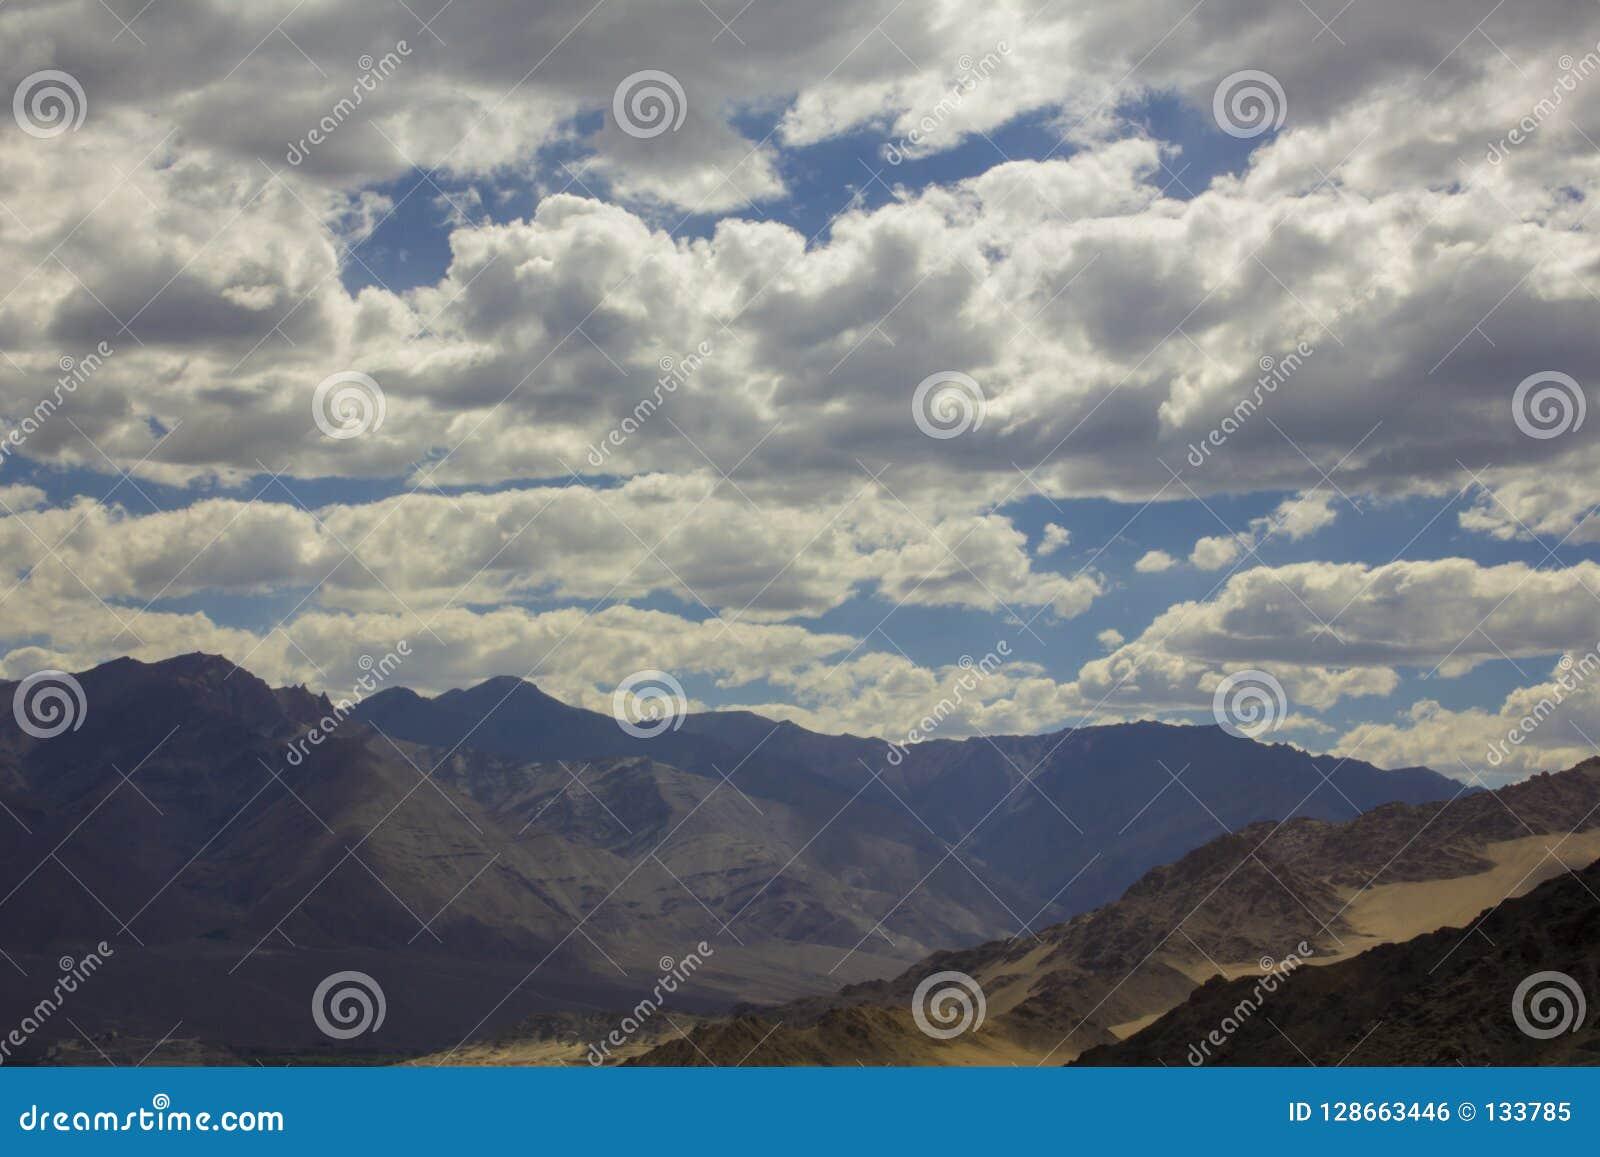 在山和云彩阴影的美丽的阴云密布